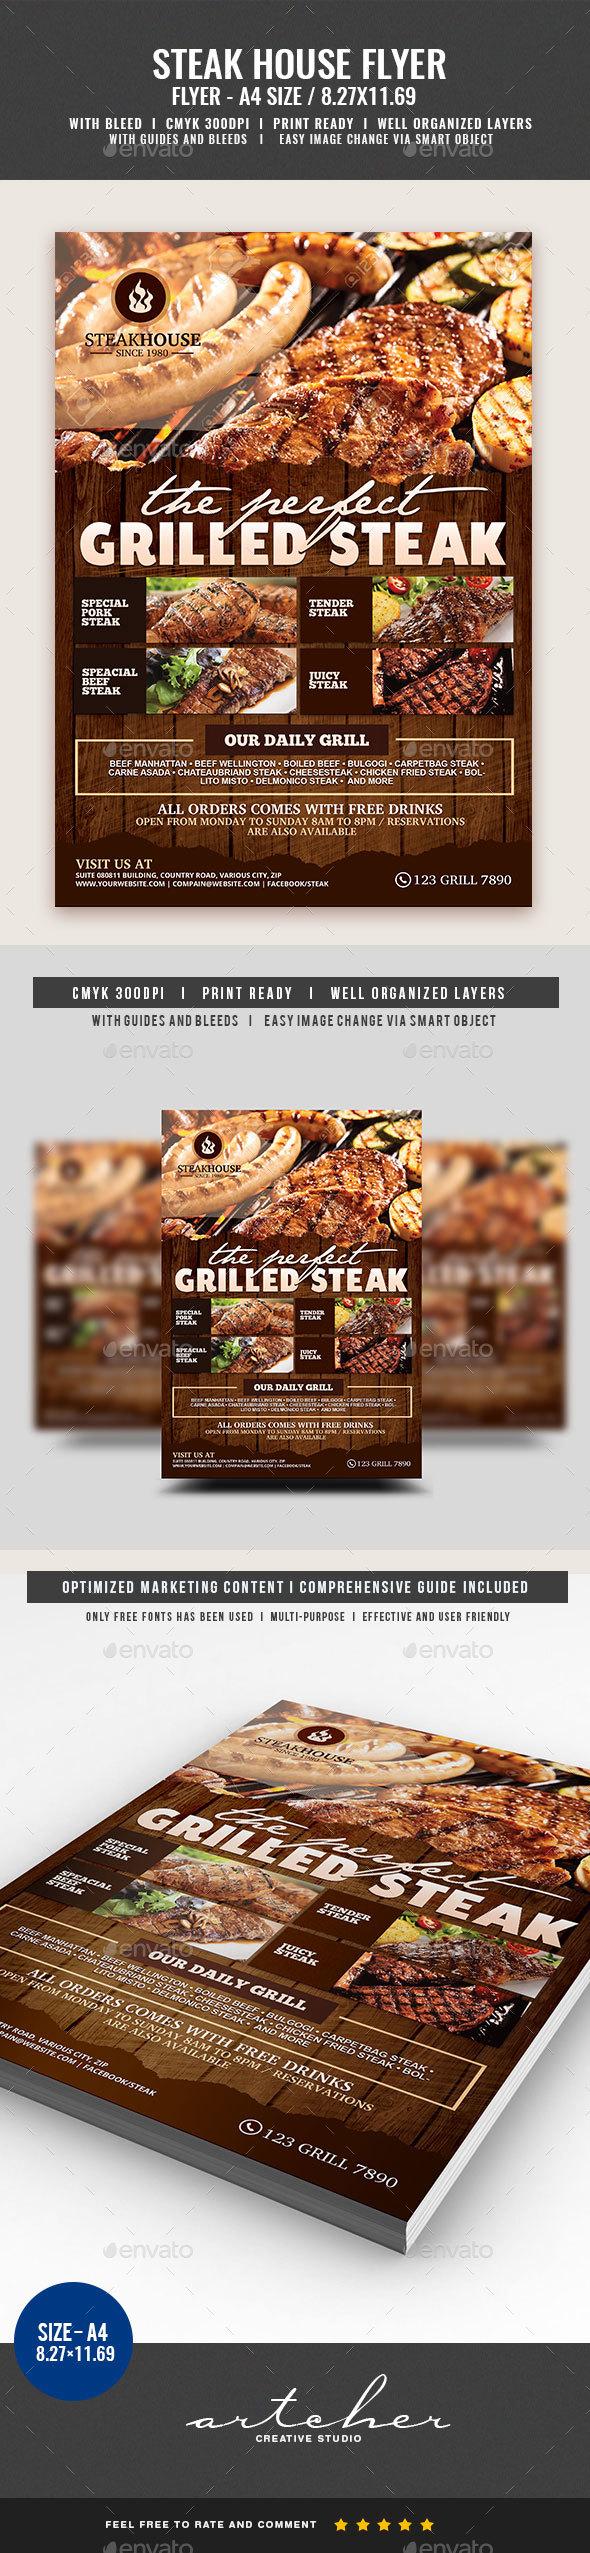 Steakhouse Restaurant Flyer - Restaurant Flyers